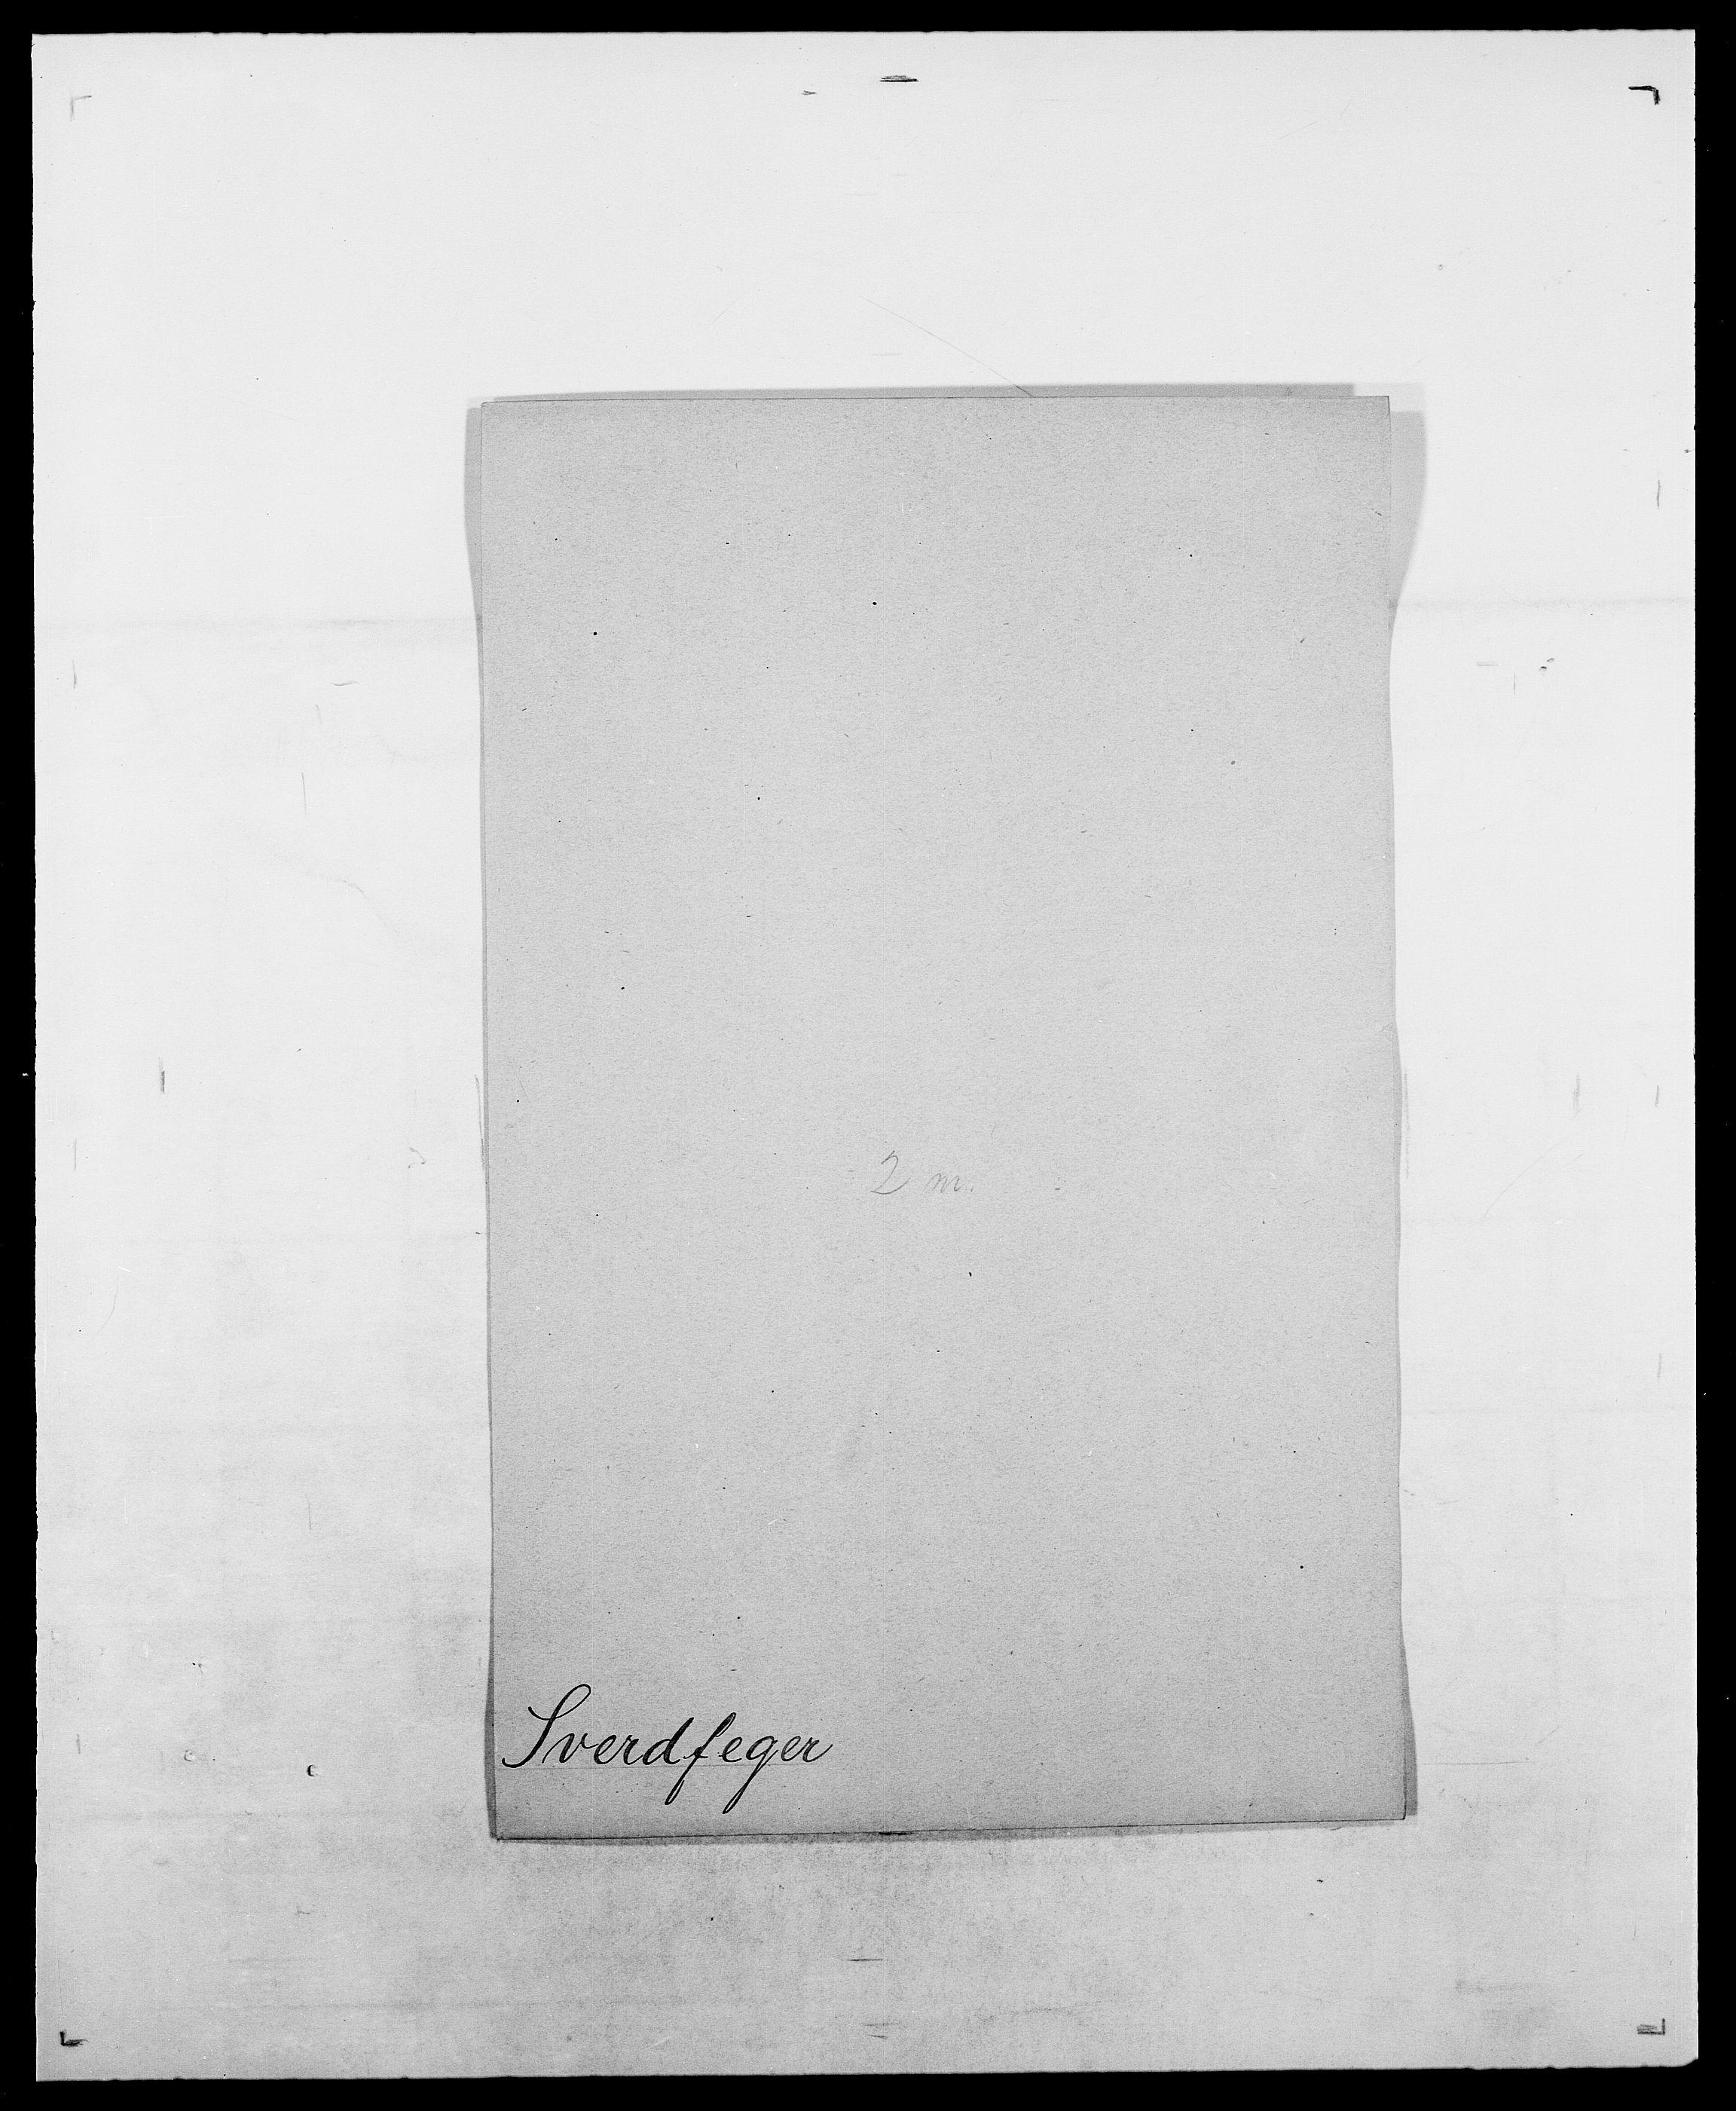 SAO, Delgobe, Charles Antoine - samling, D/Da/L0038: Svanenskjold - Thornsohn, s. 58